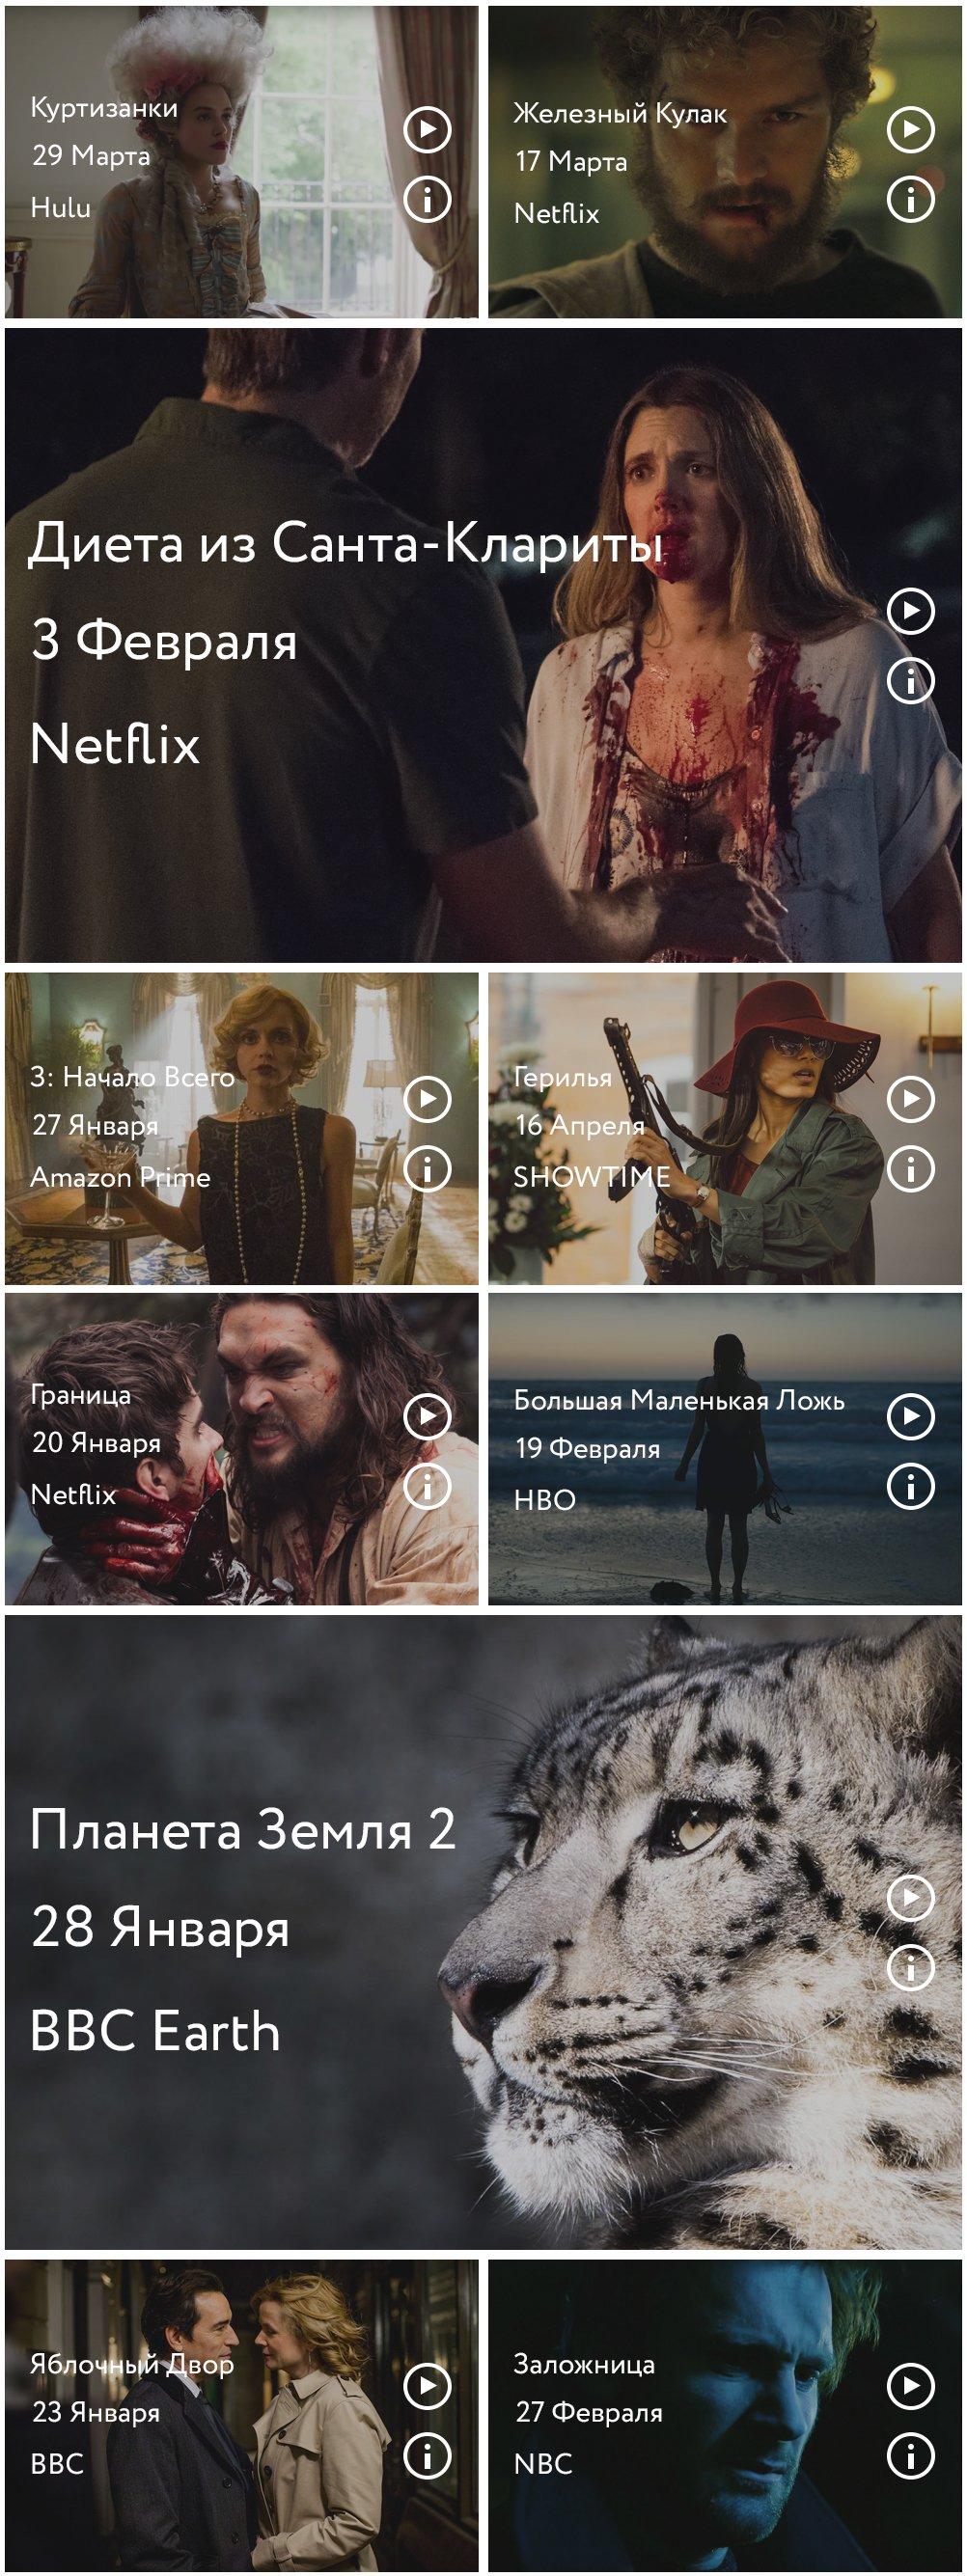 21 премьера: Лучшие новые сериалы (фото 2)